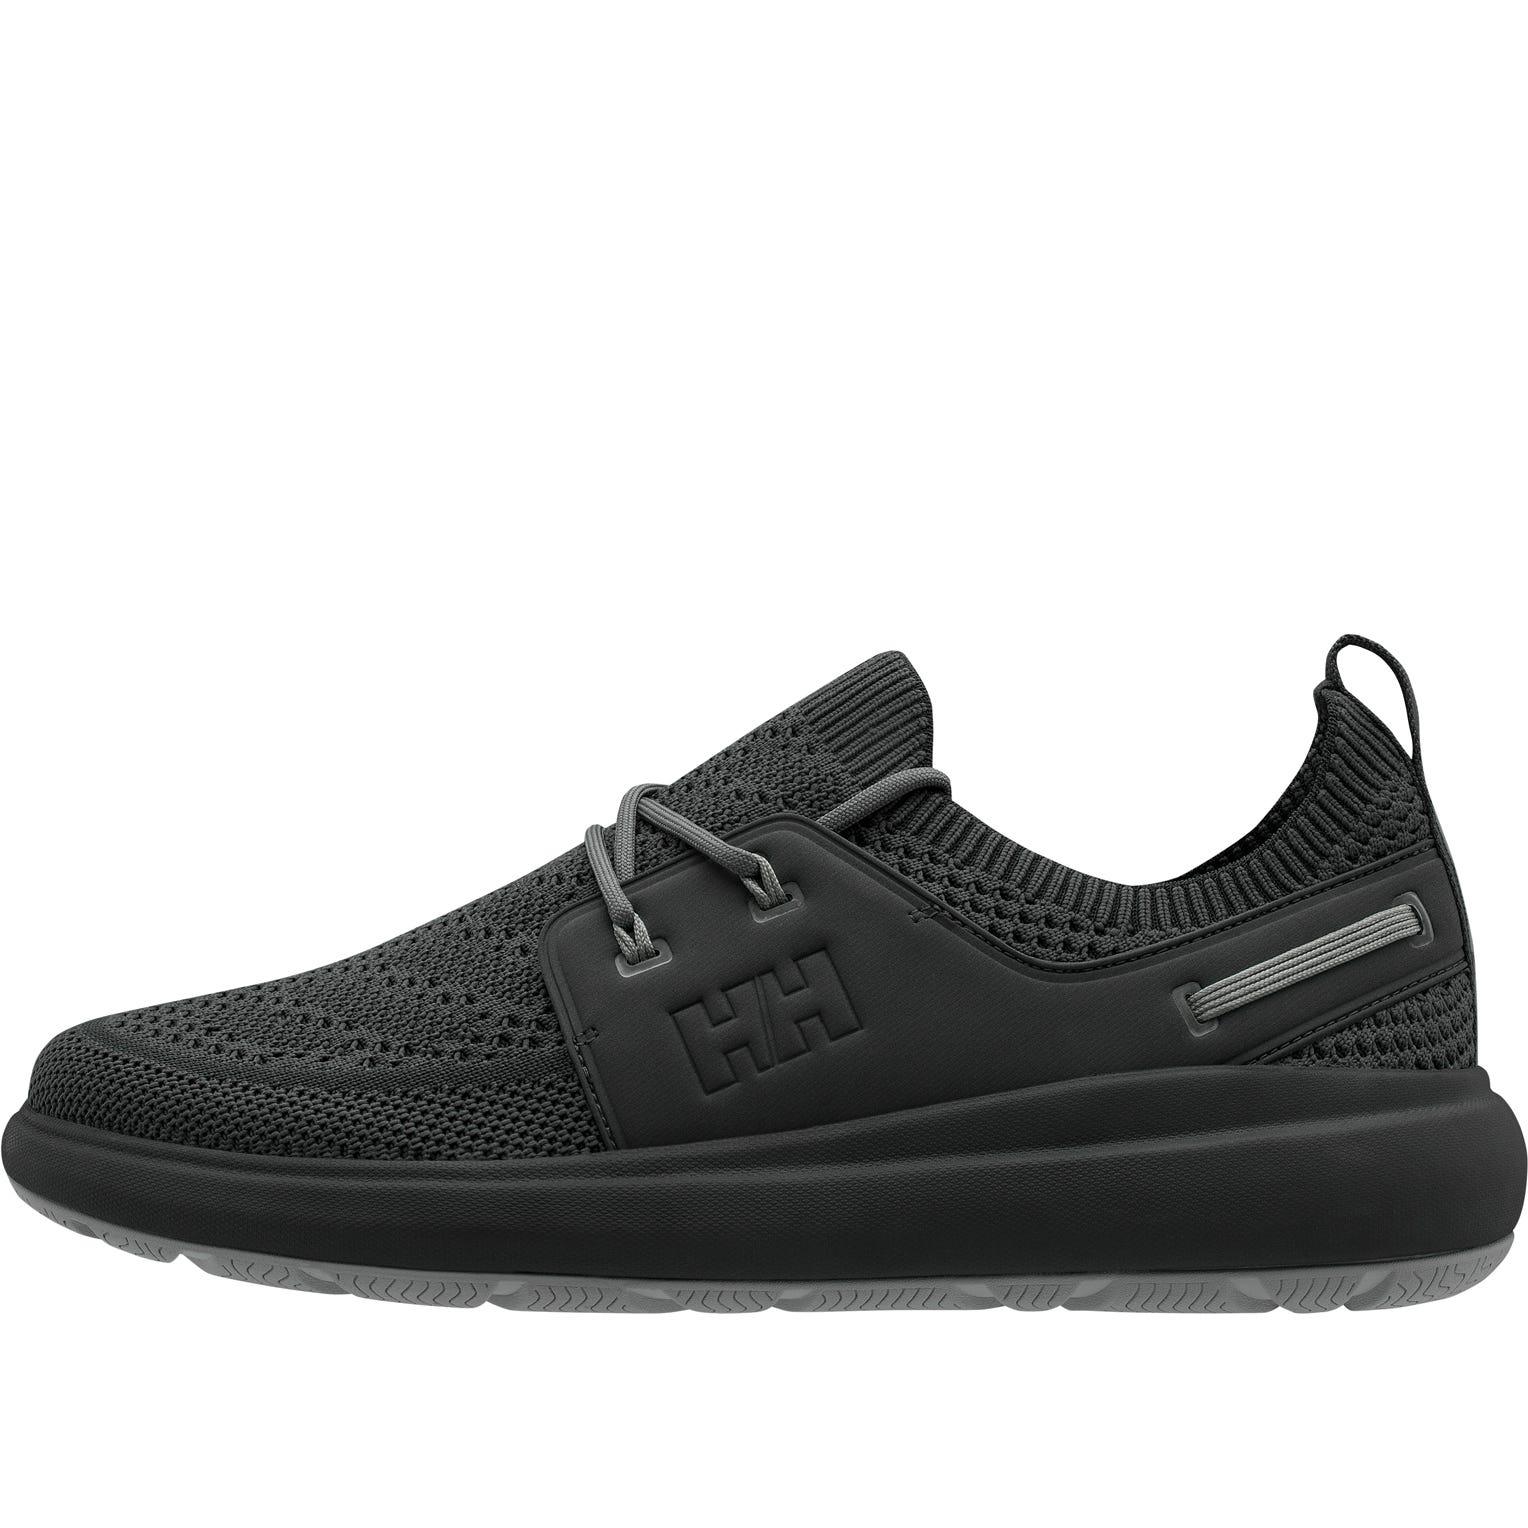 Helly Hansen Spright One Herren Freizeit Bootssport Sneaker 11488-964 grau neu